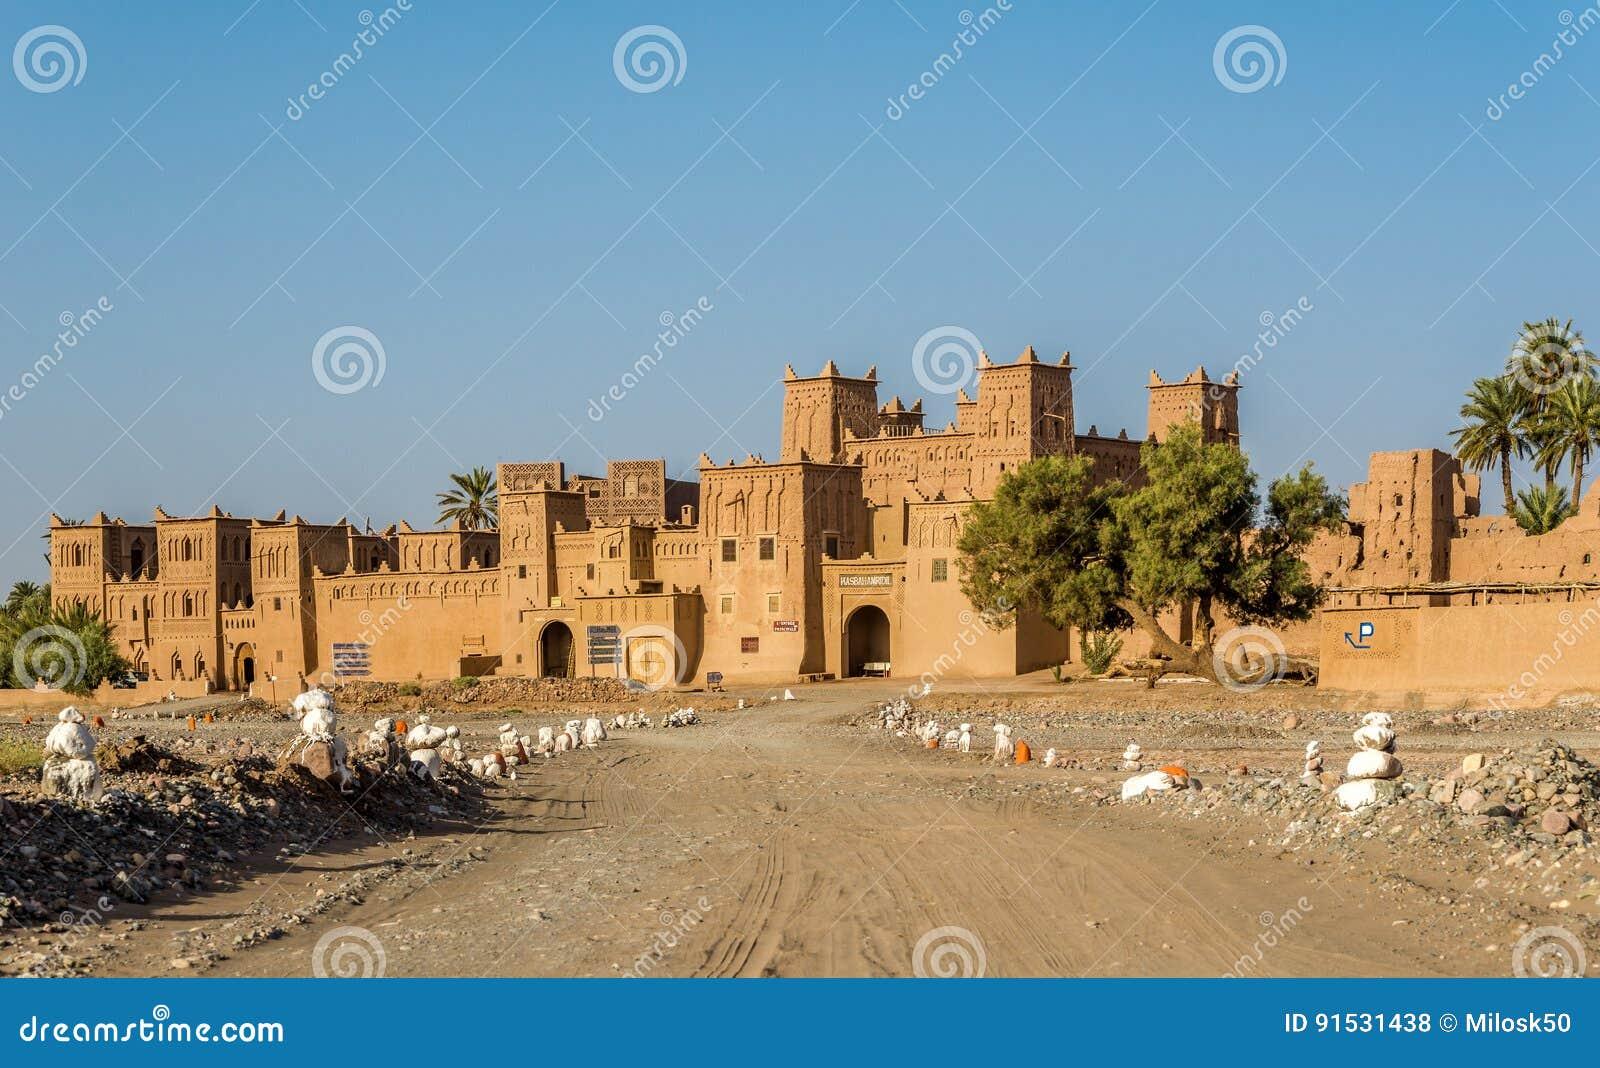 Mening in Amridil Kazbah van Skoura-oase - Marokko